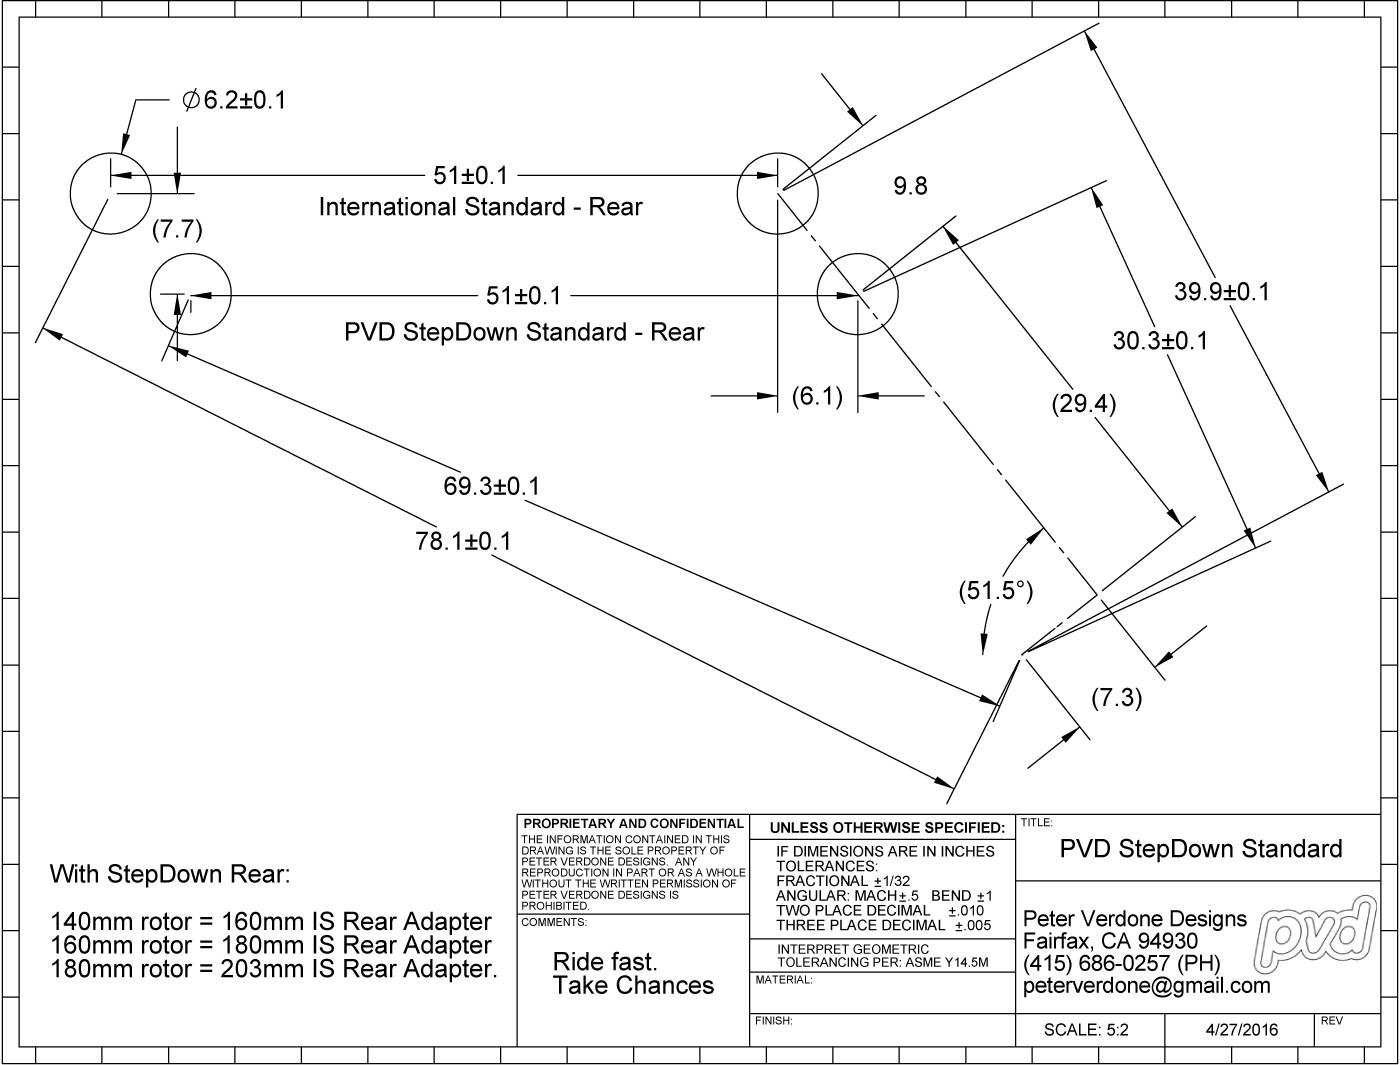 PVD-StepDown-Standard2